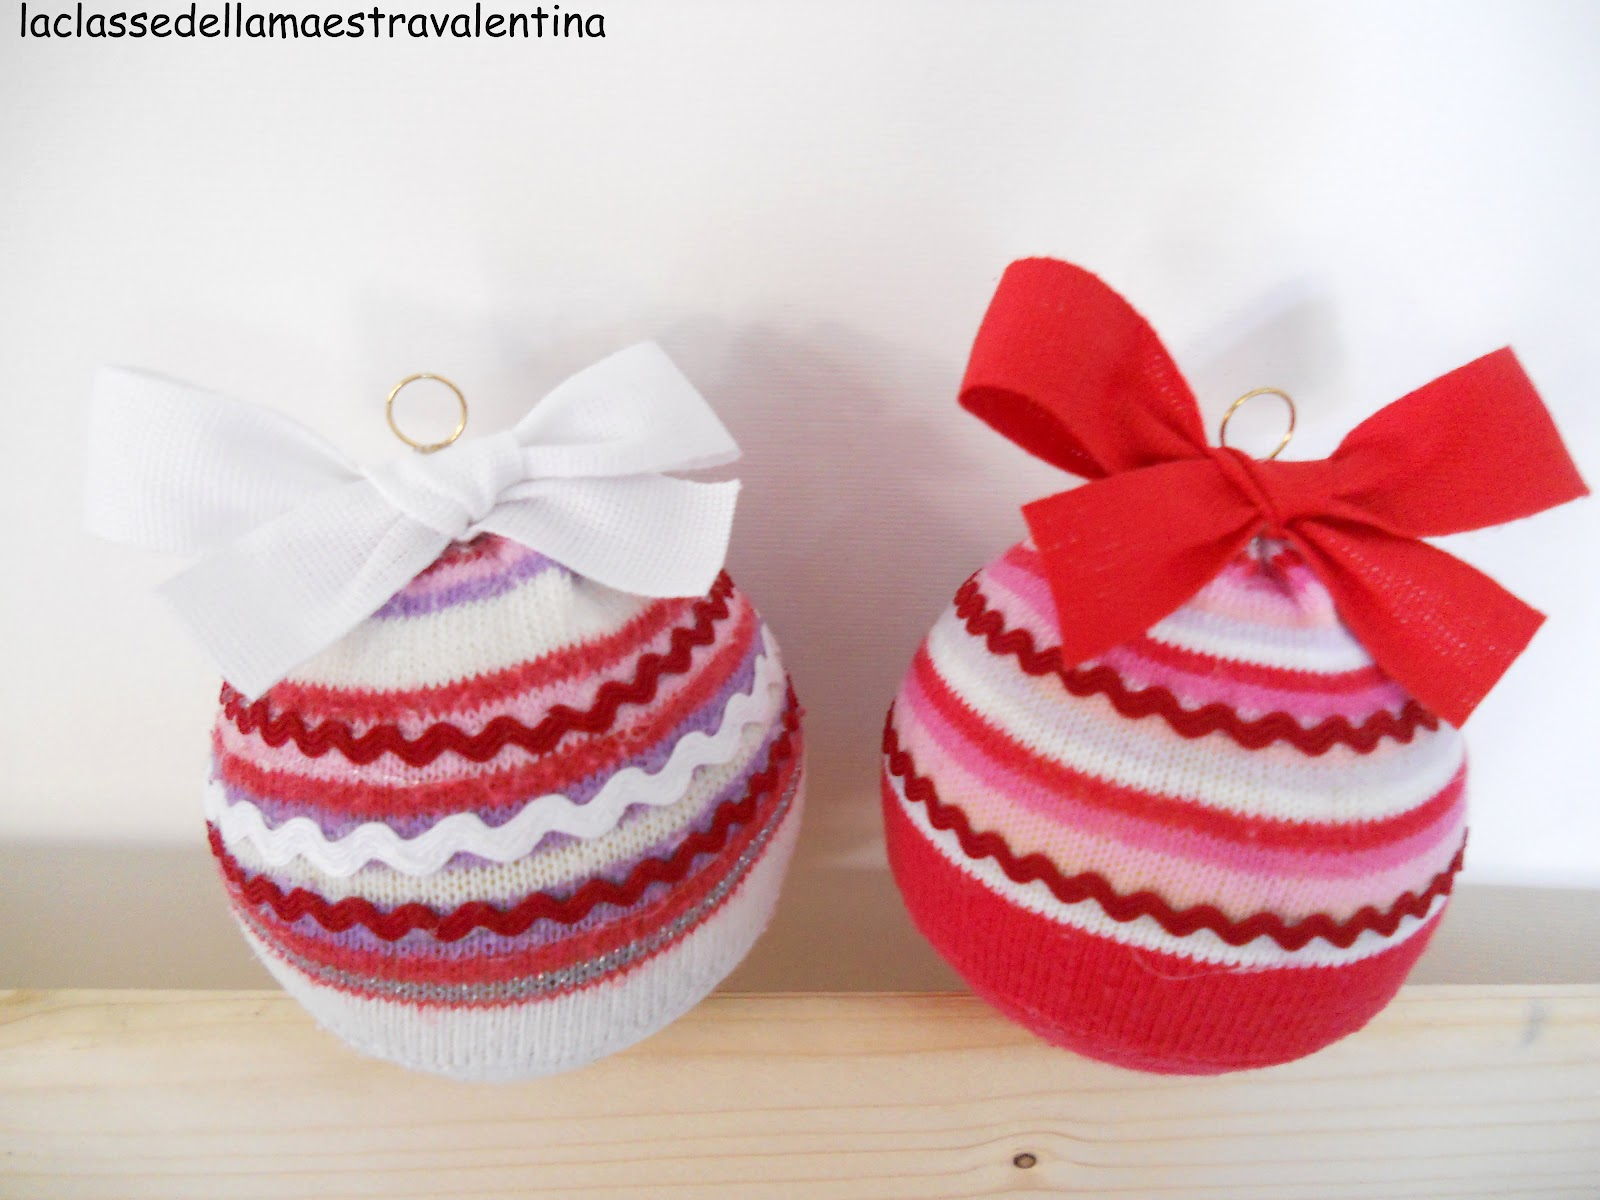 La classe della maestra valentina palline di natale riciclose for La maestra valentina